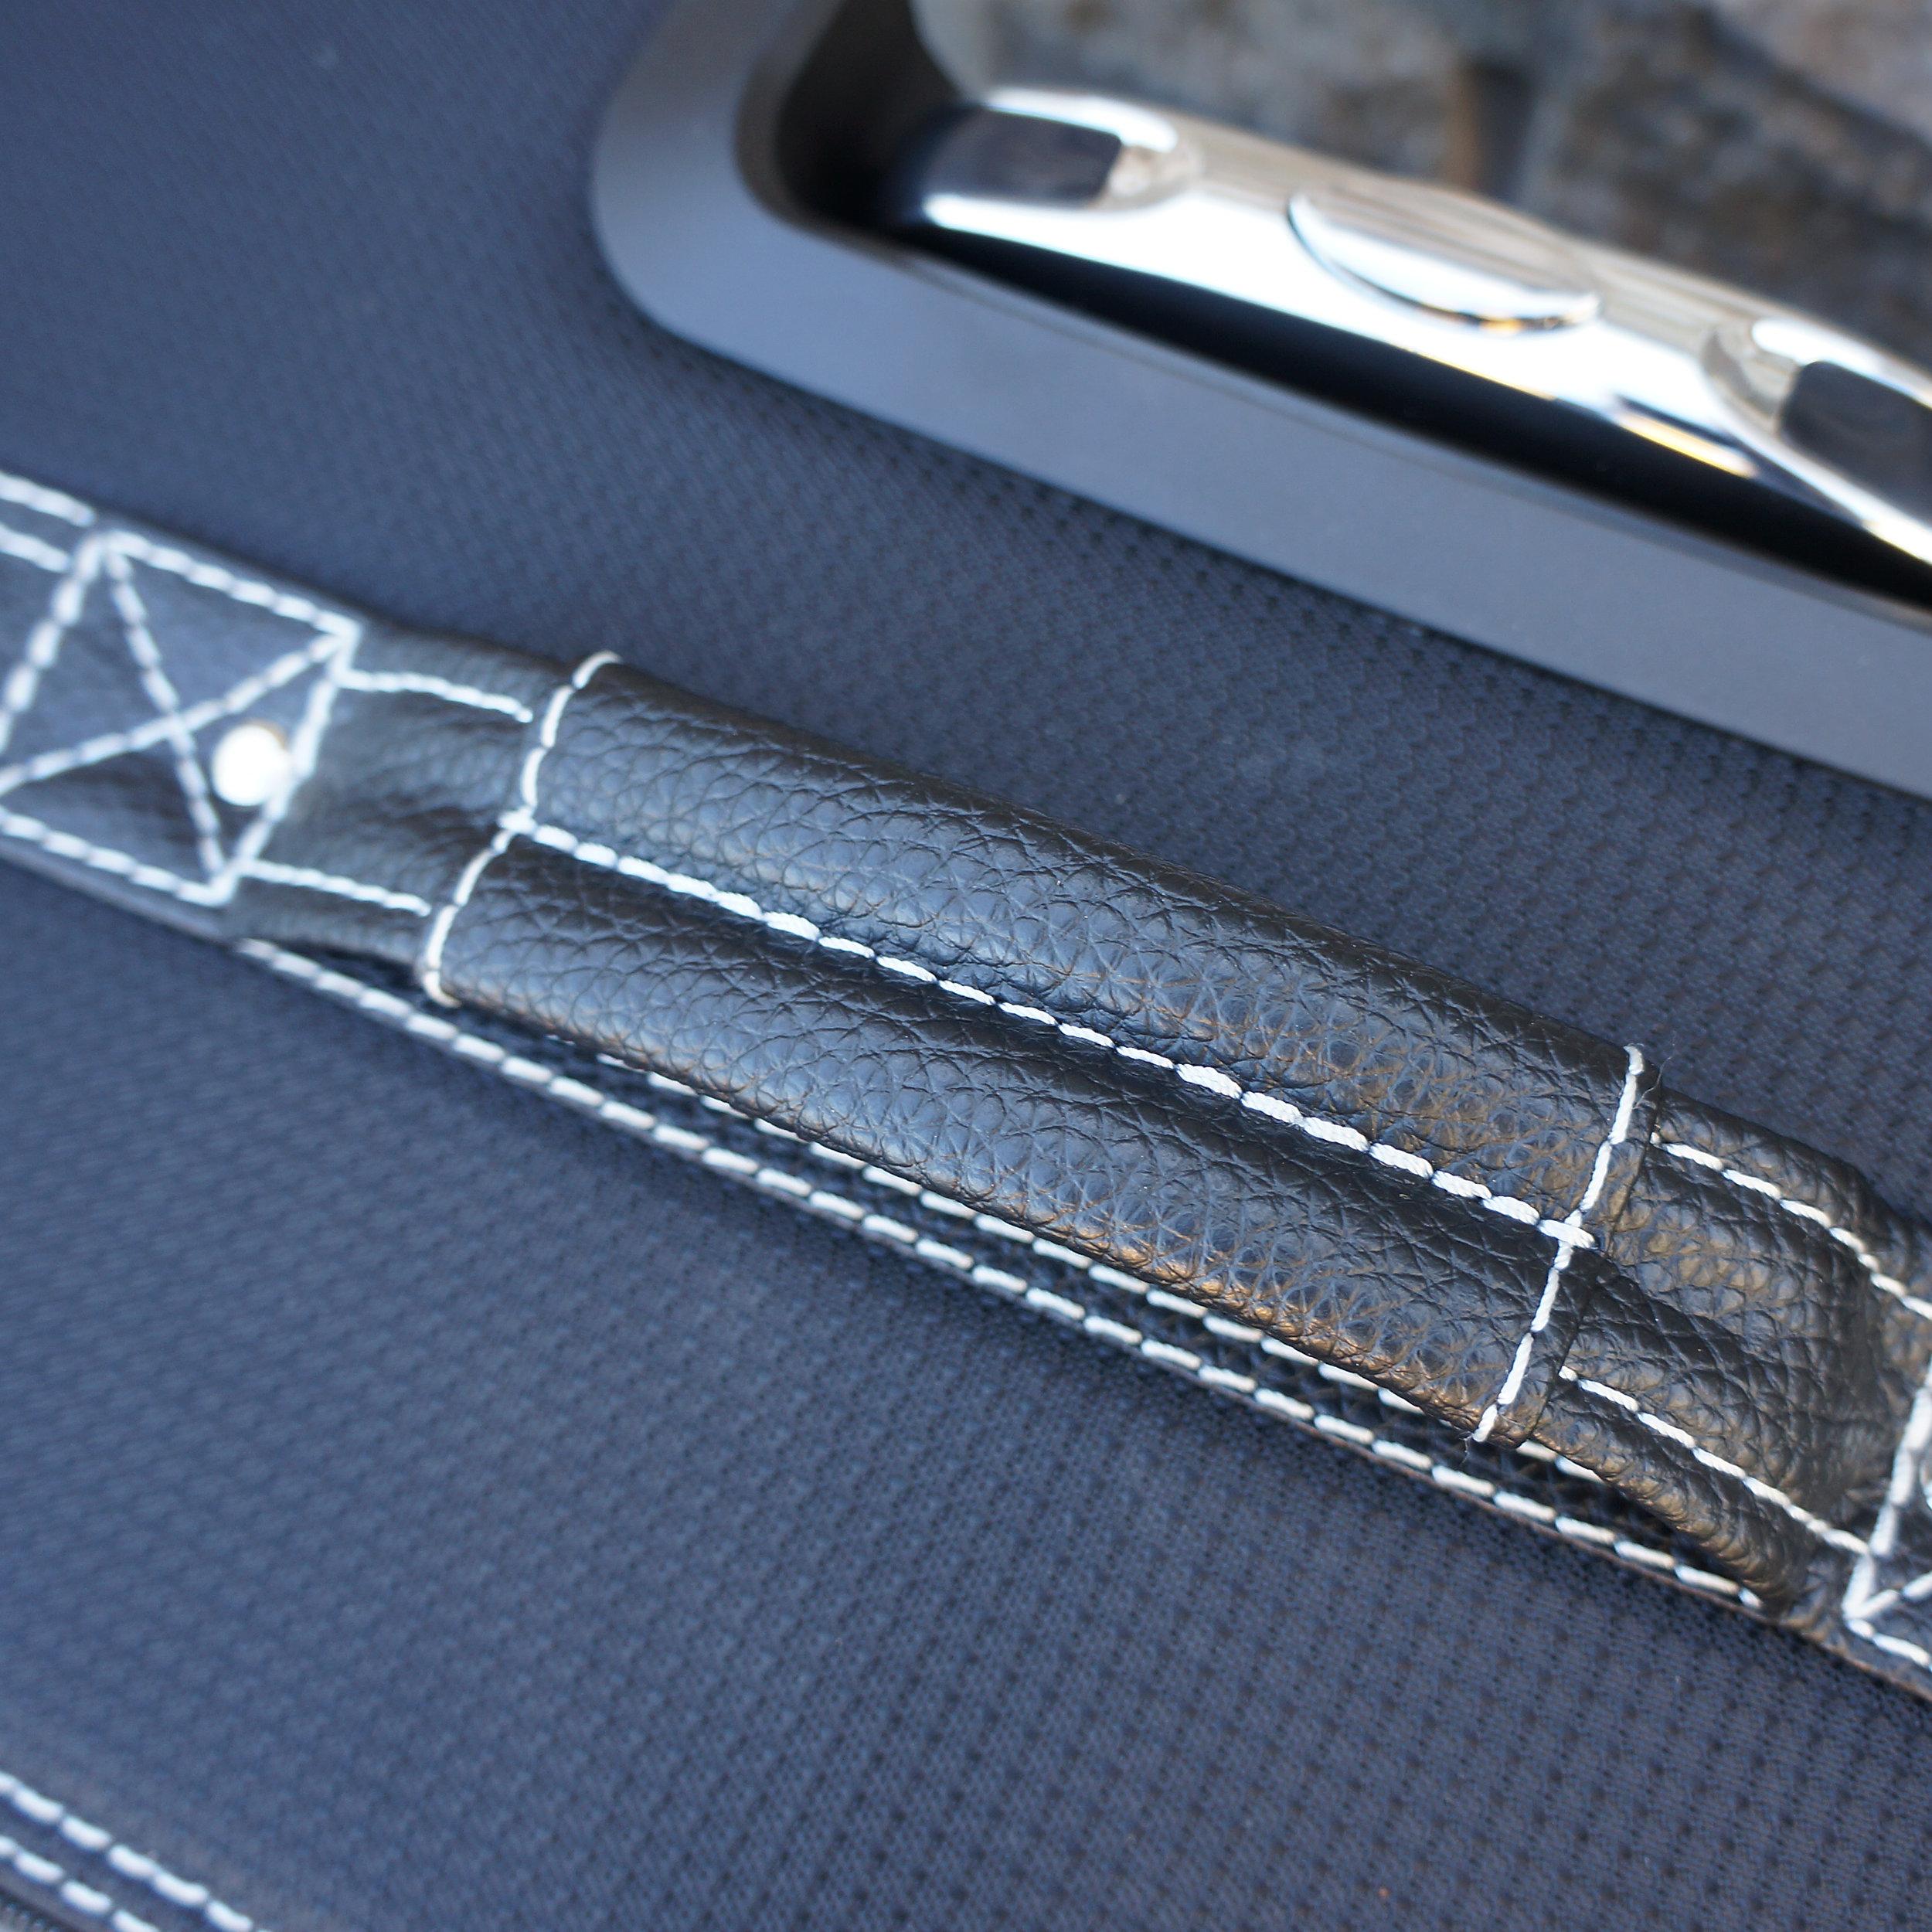 2-tlg. Kofferset mit 2 Rollen BMW 4er Cabrio (F33) 111 Liter